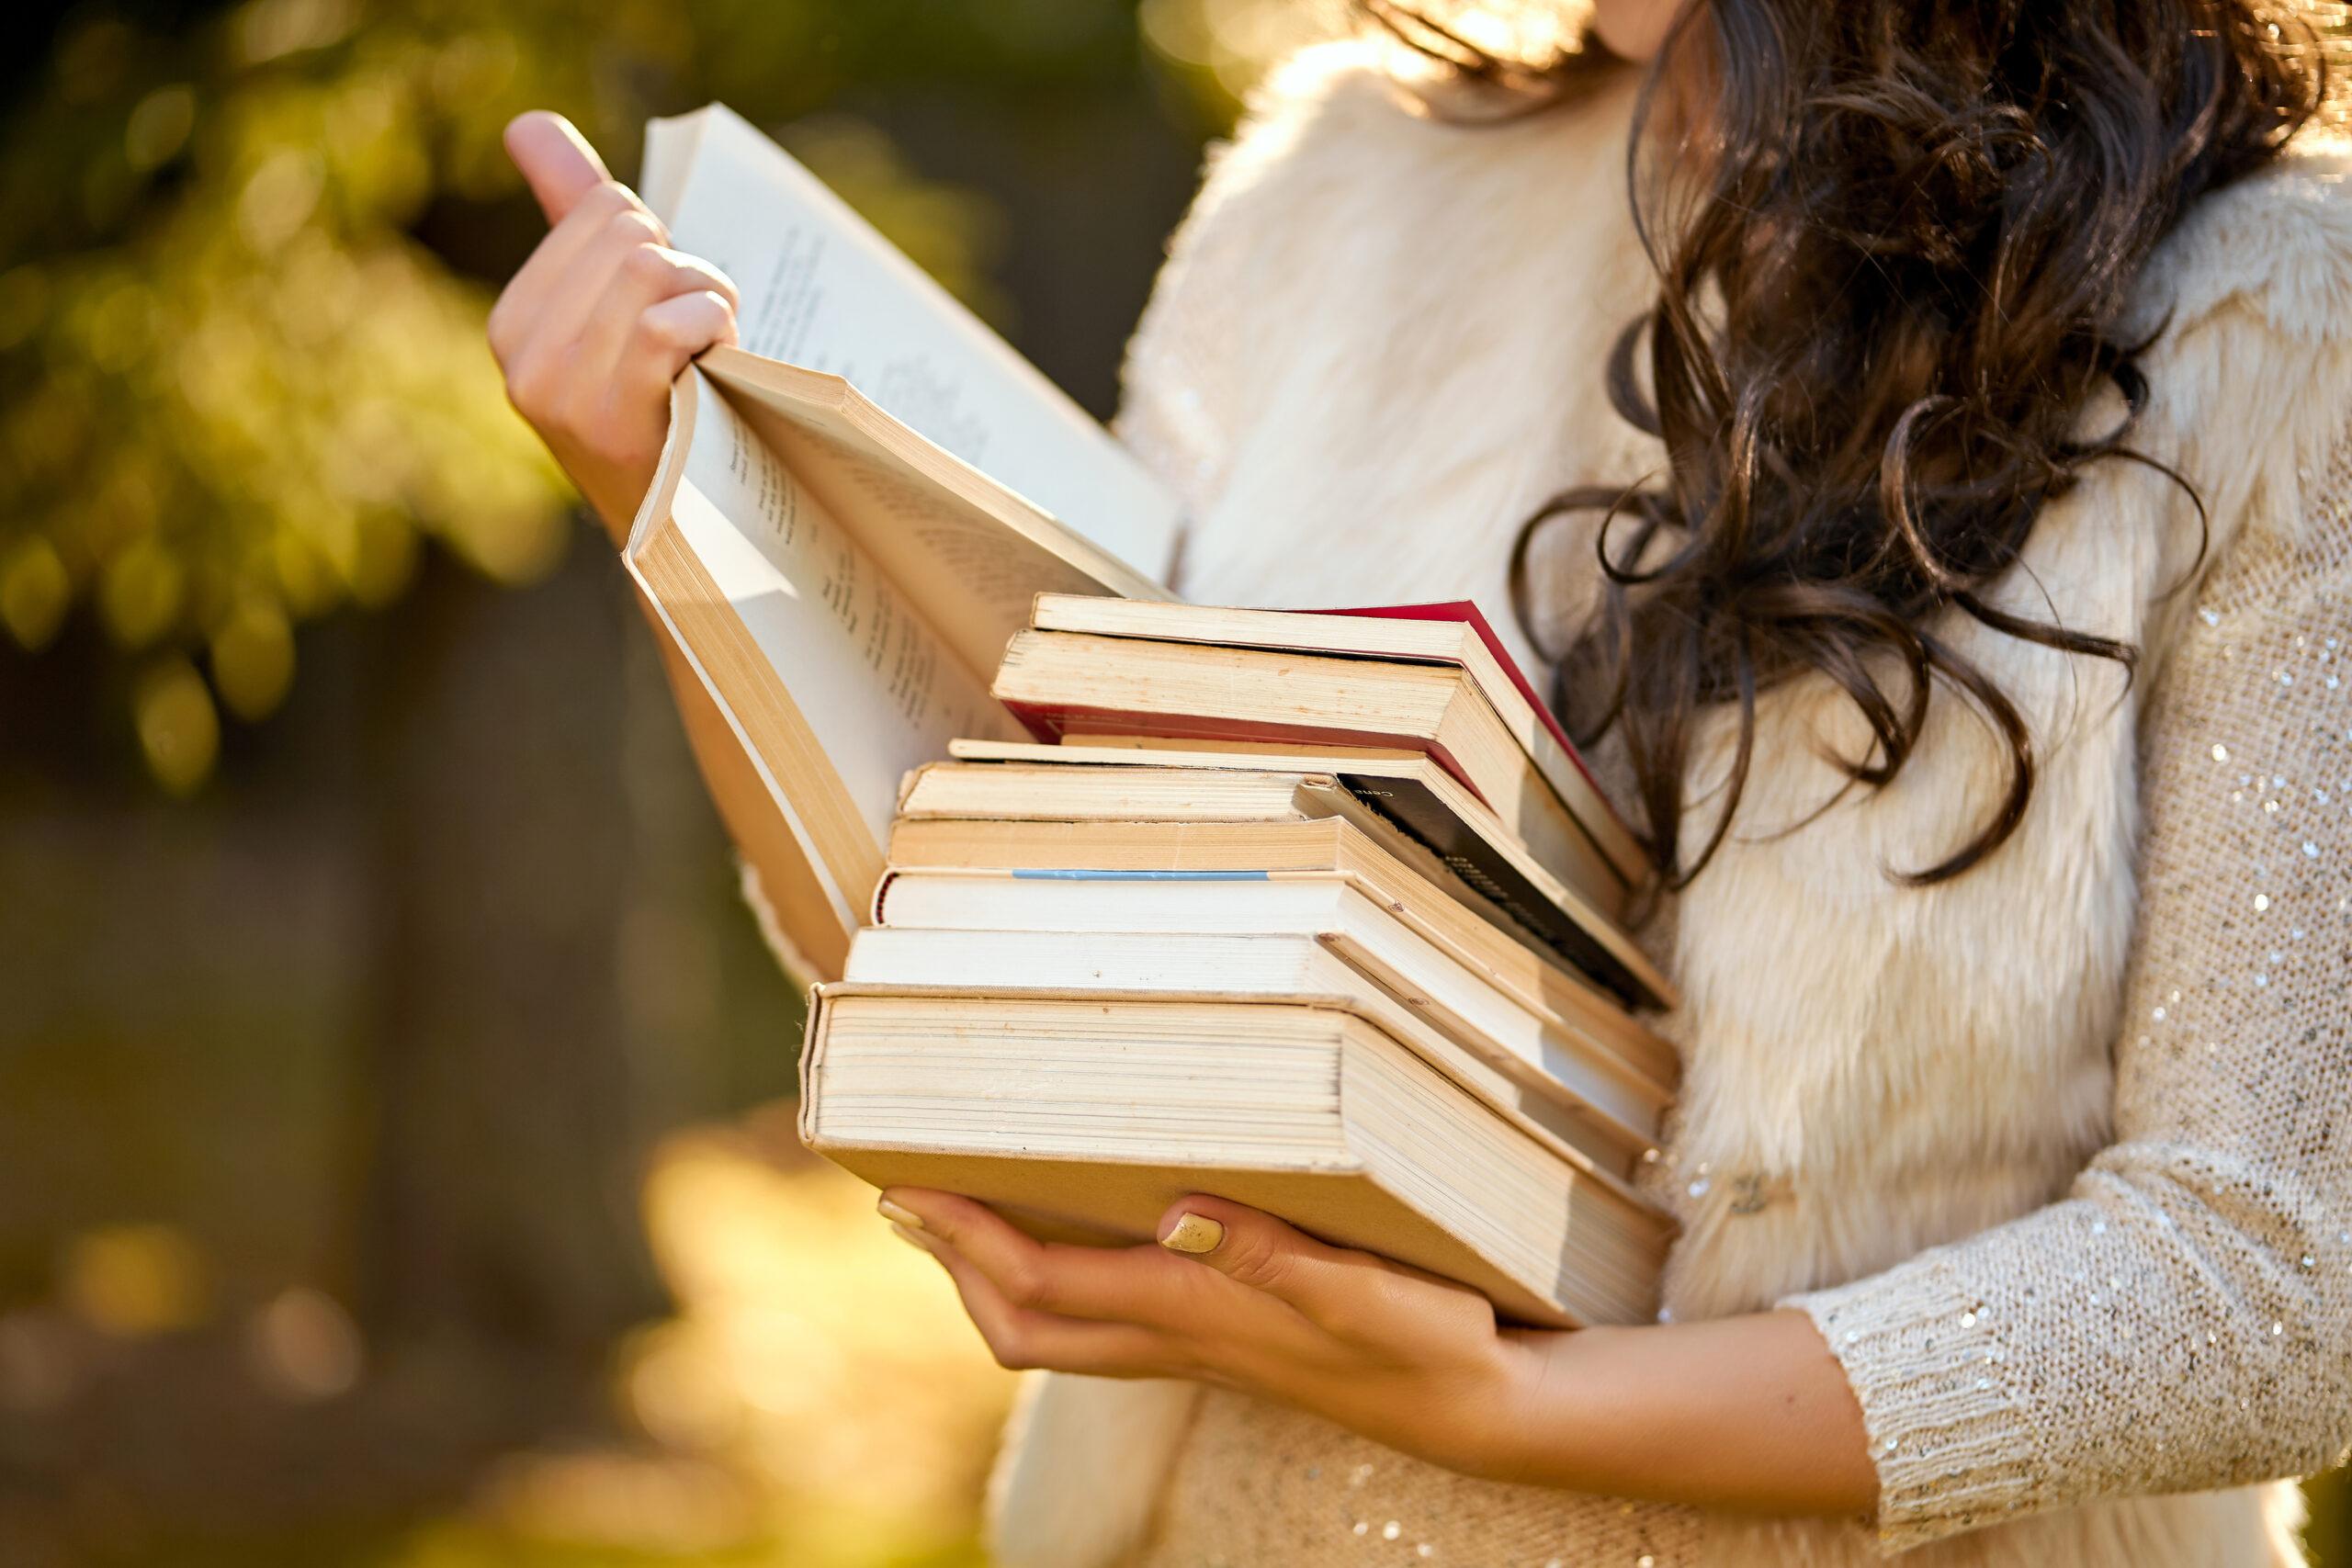 4 たくさんの本を読む